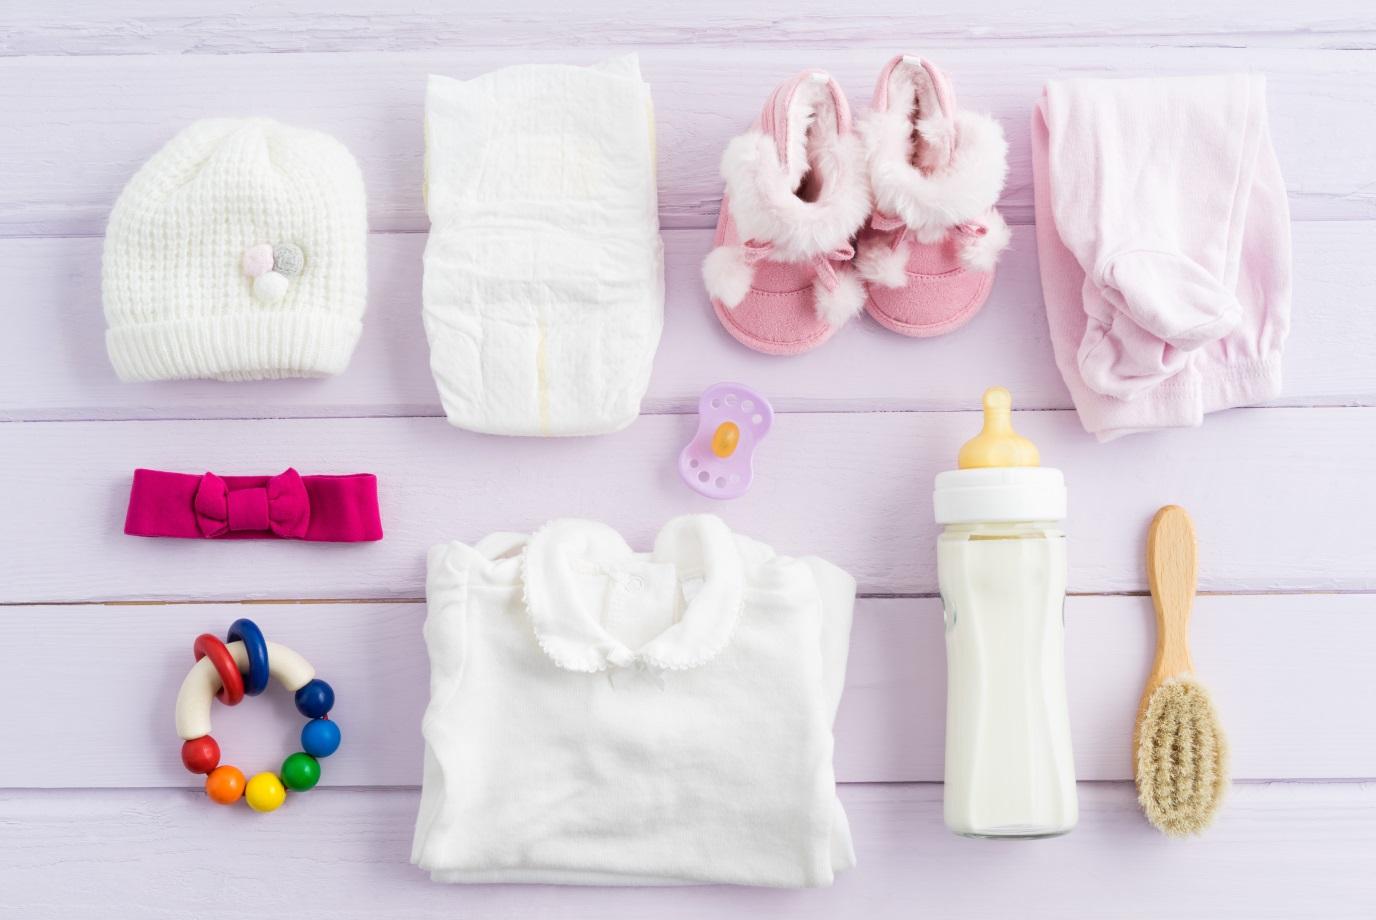 Memilih Produk Perlengkapan Bayi yang Tepat